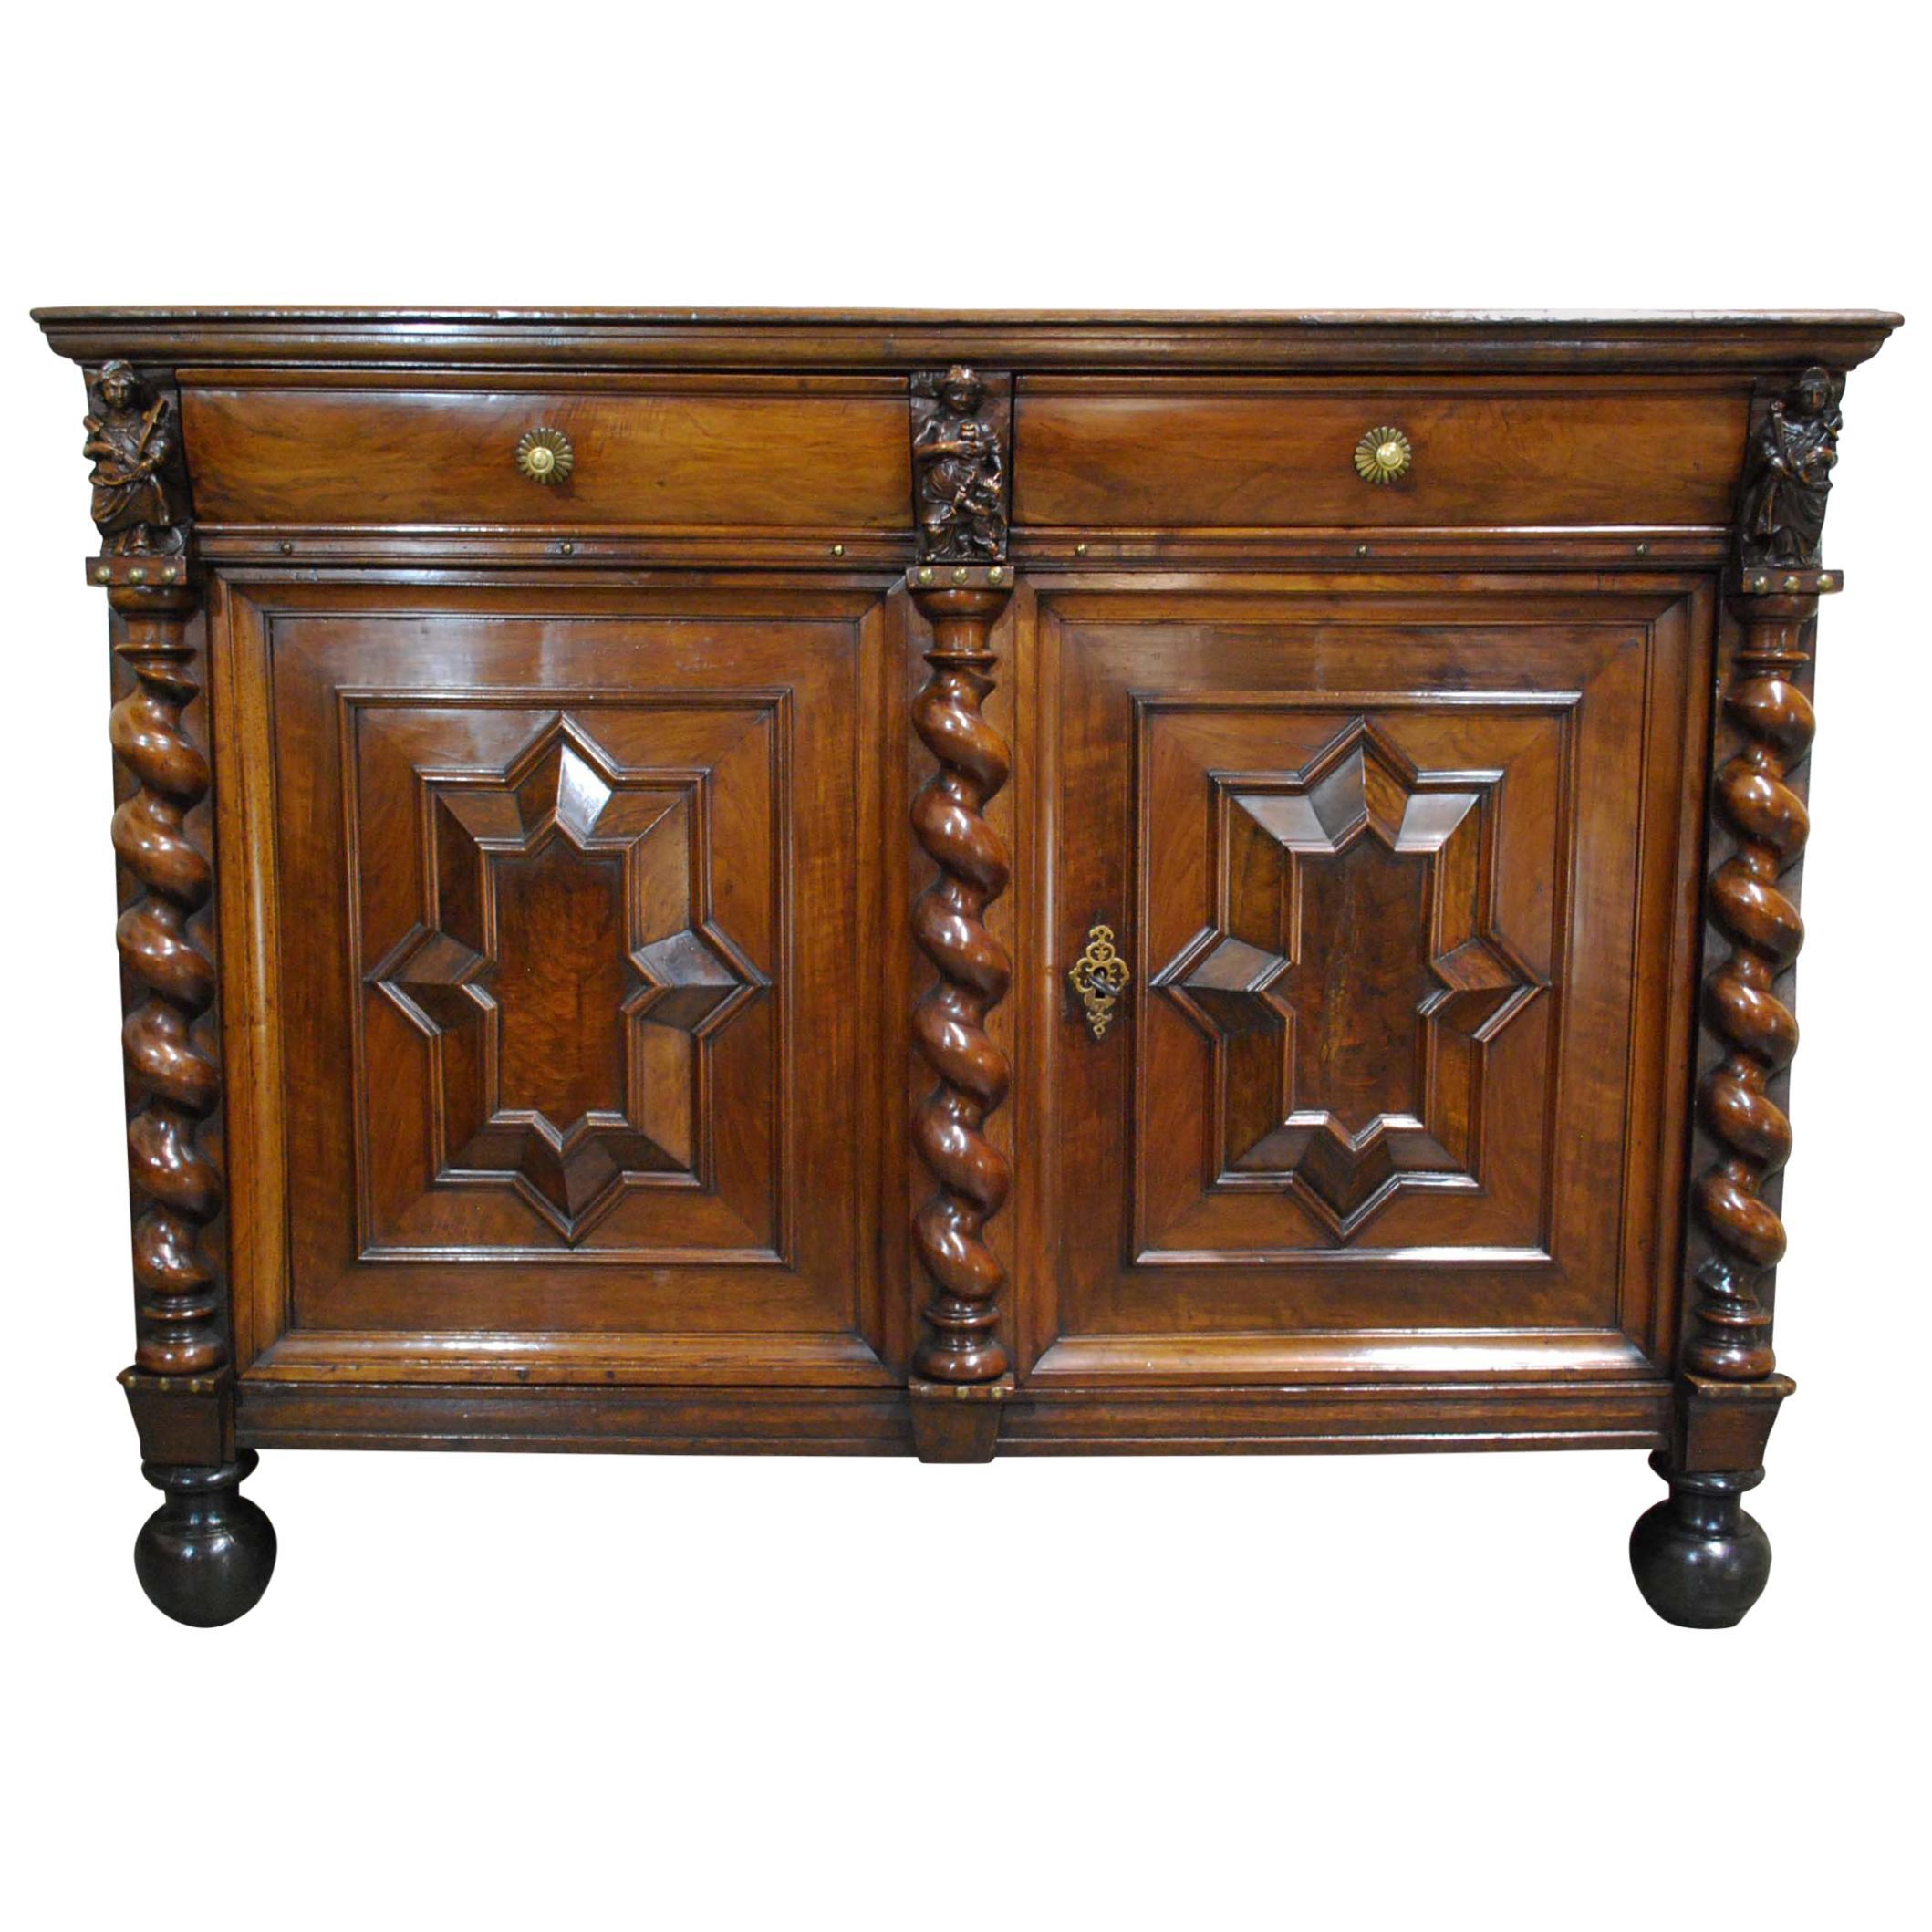 Antique 17th Century Dutch Renaissance Dresser in Oak and Walnut